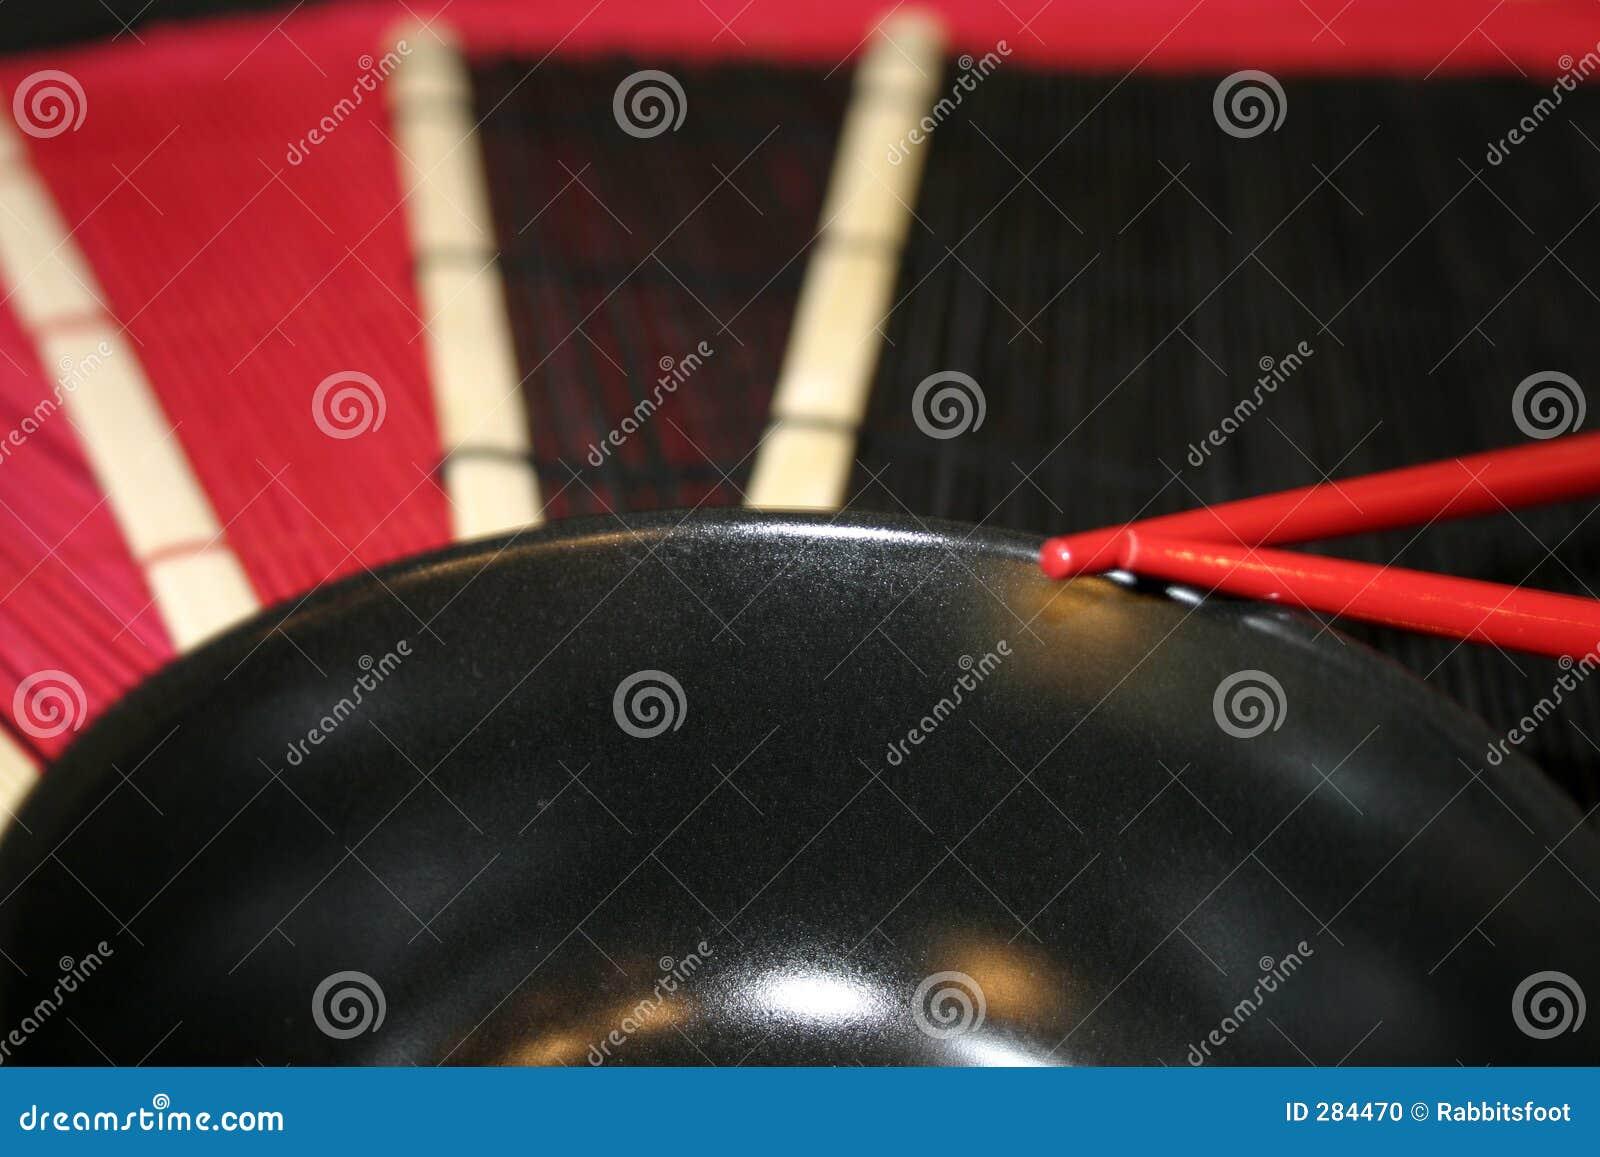 Bowla matsrice